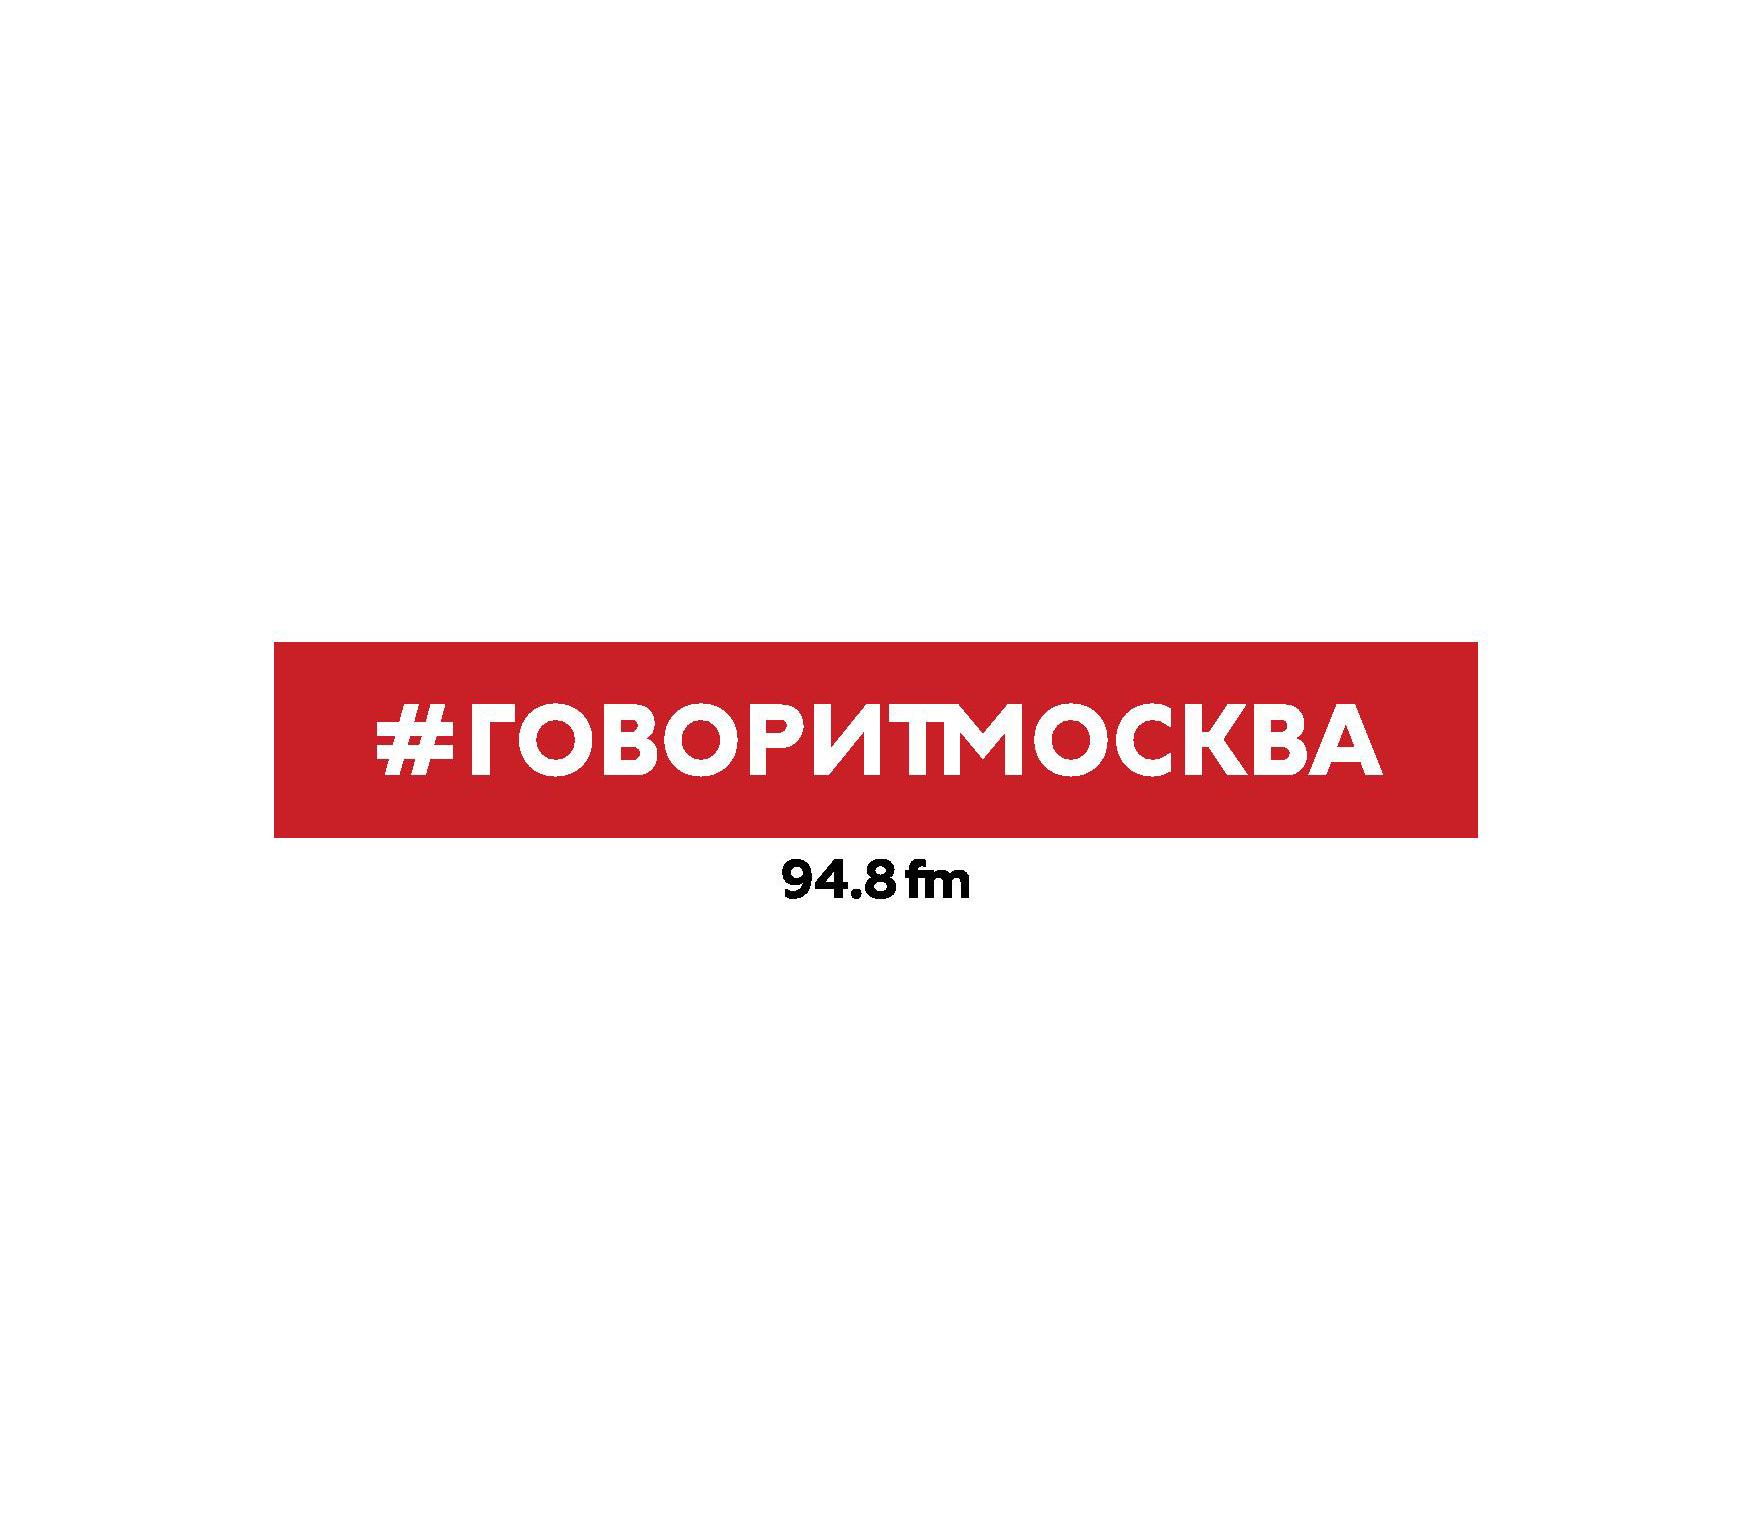 Макс Челноков 20 марта. Алла Пугачева